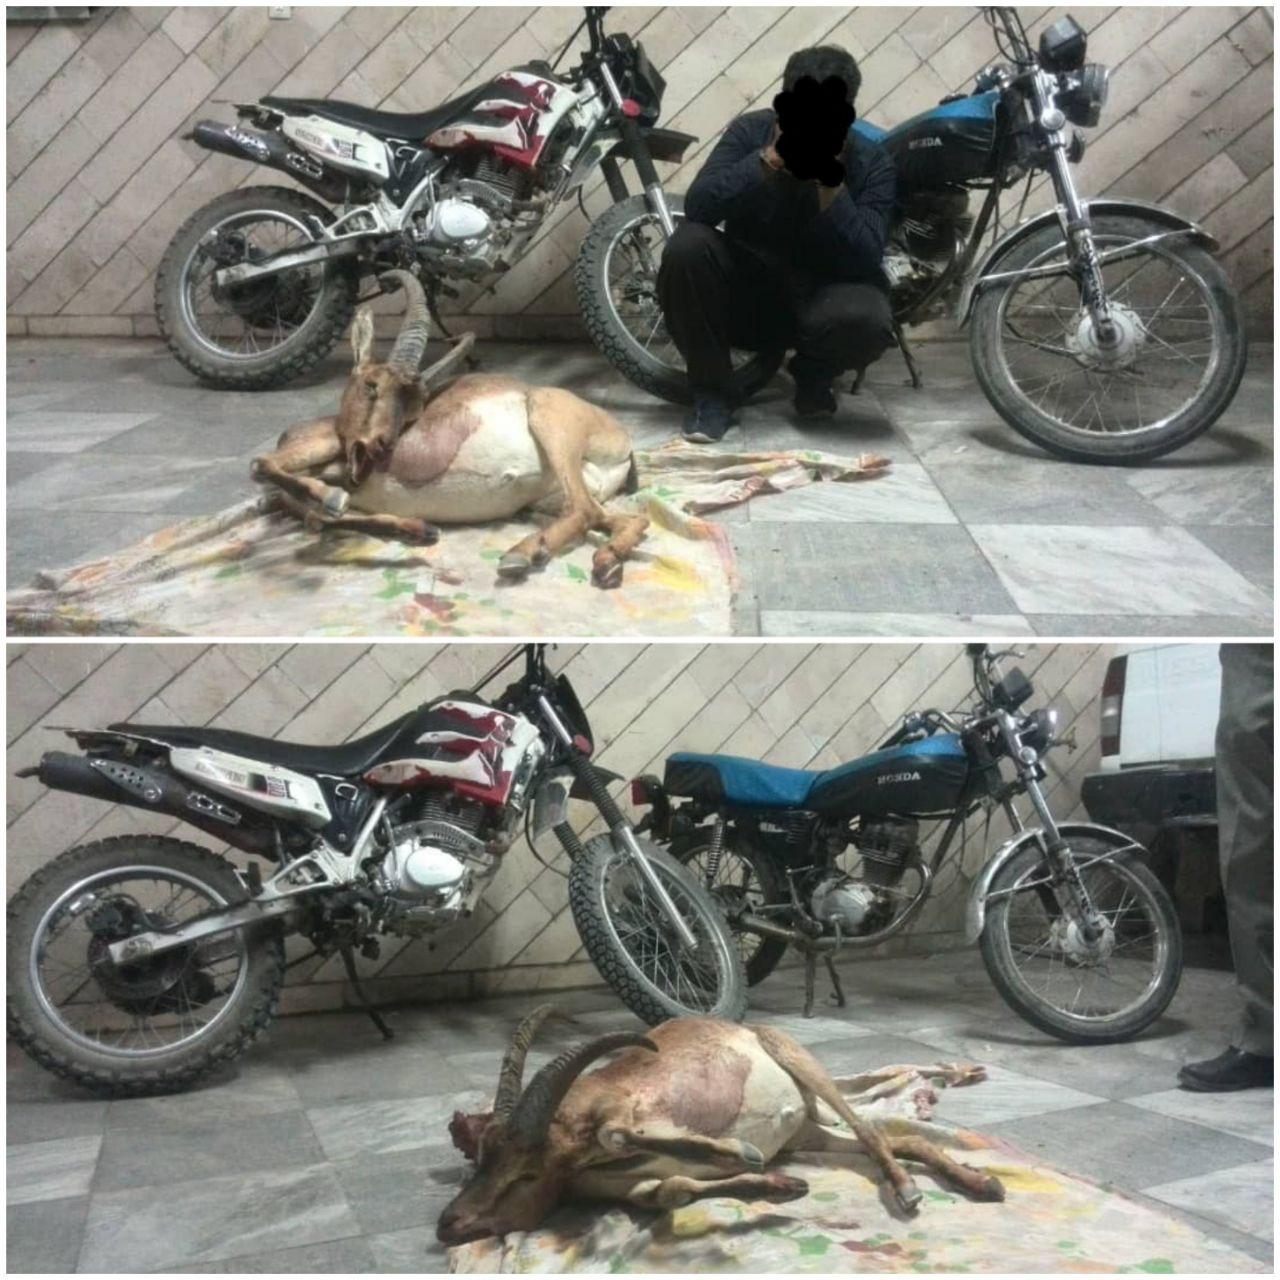 تصویر دستگیری متخلفین باسابقه شکار و صید در کاشان